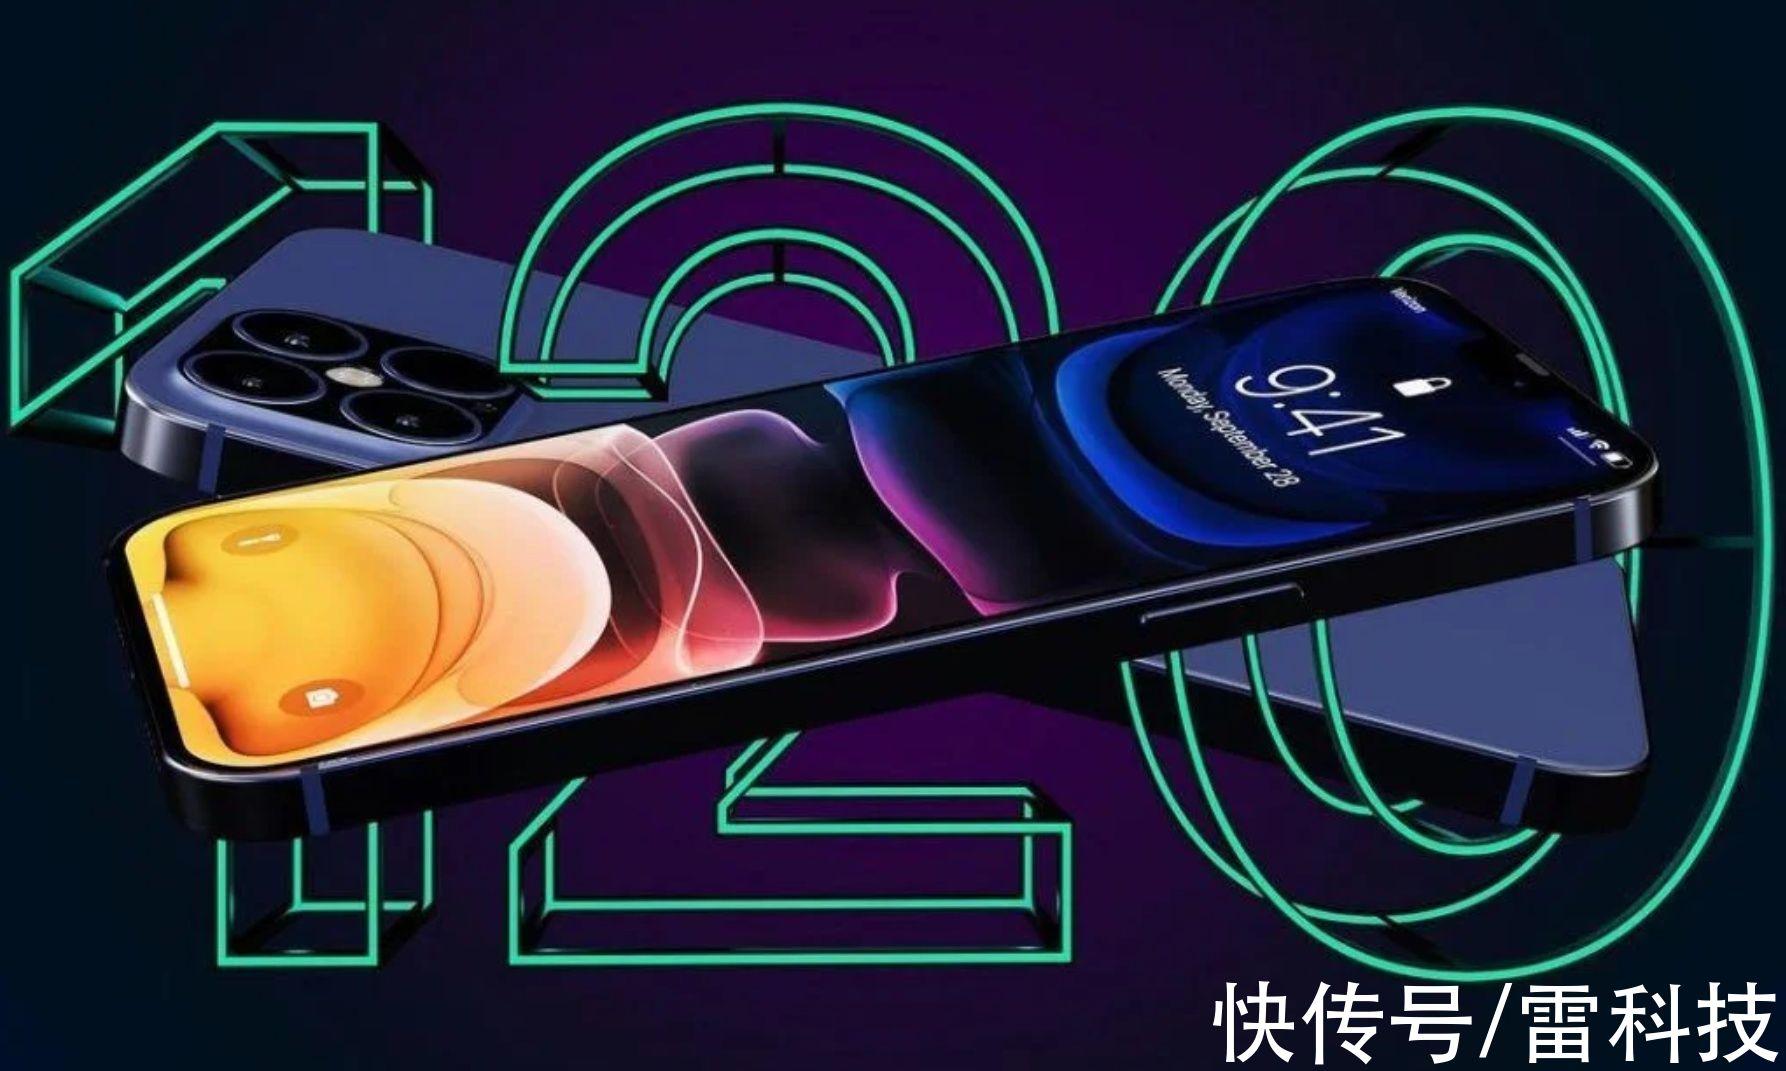 mini 直降千元以上!iPhone 12大降价:你还要等下一代吗?